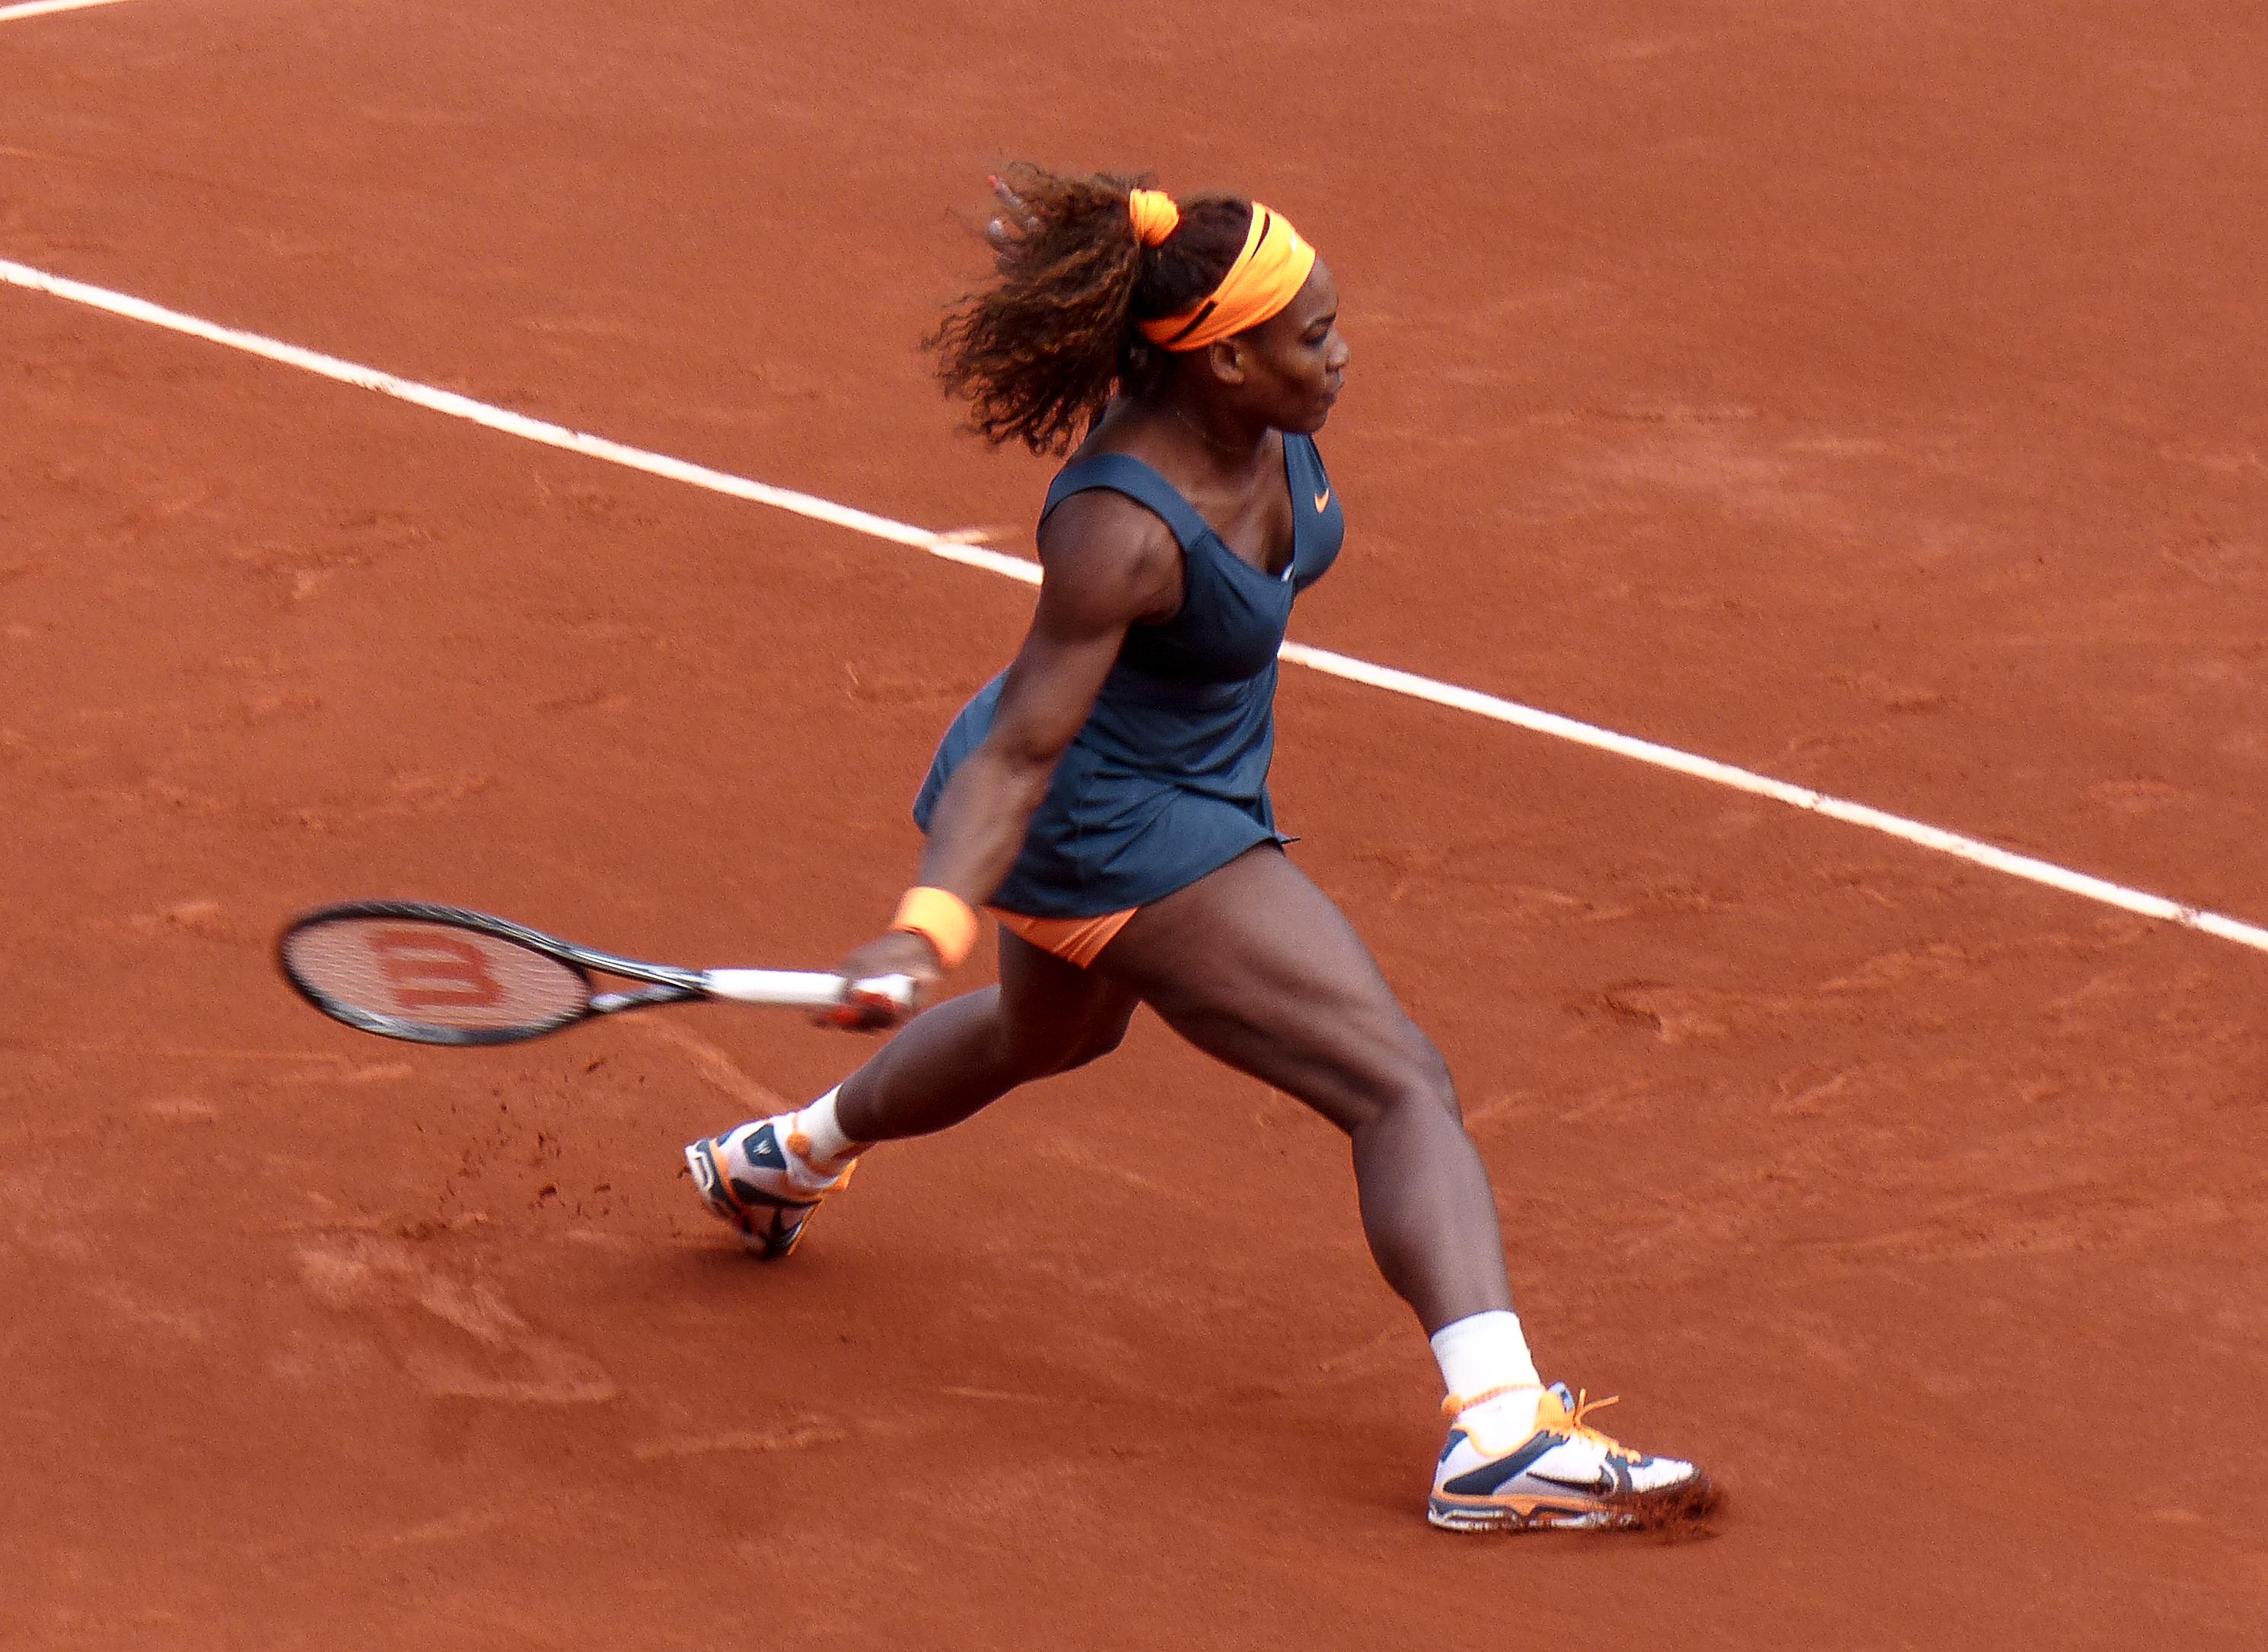 Roland Garros Tour